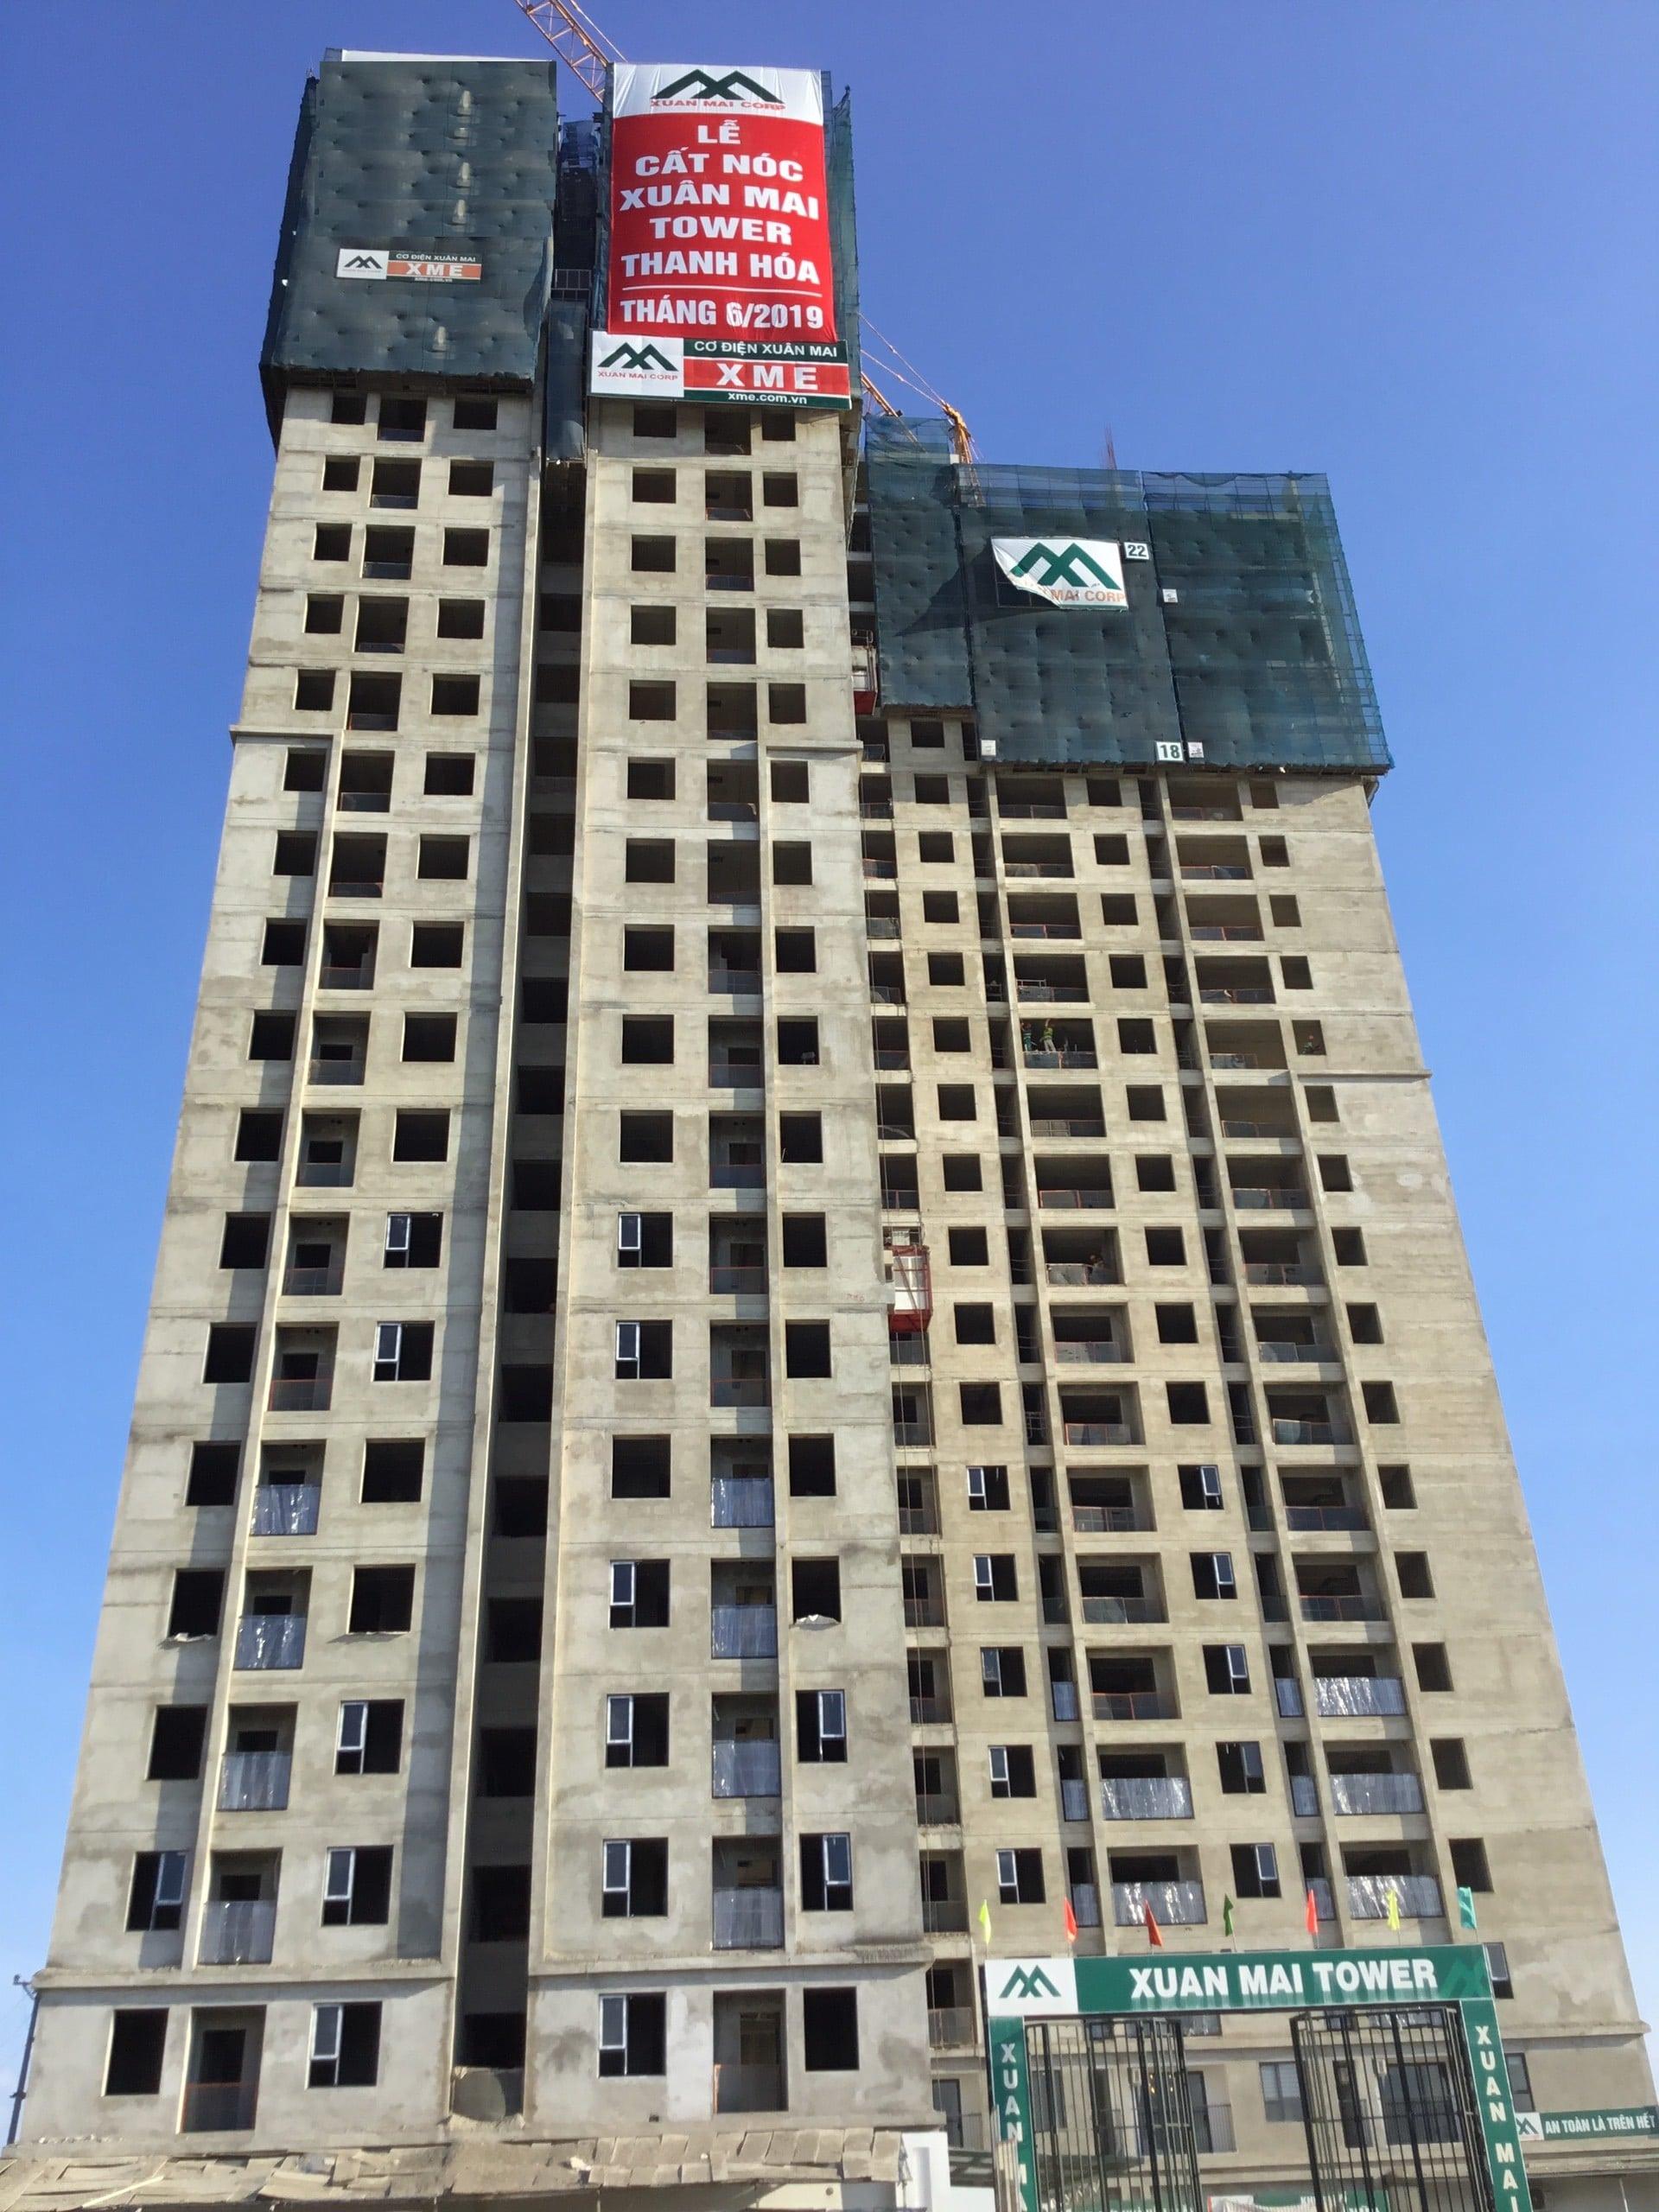 Dự án Xuân Mai Tower Thanh Hóa tiến độ thi công 2